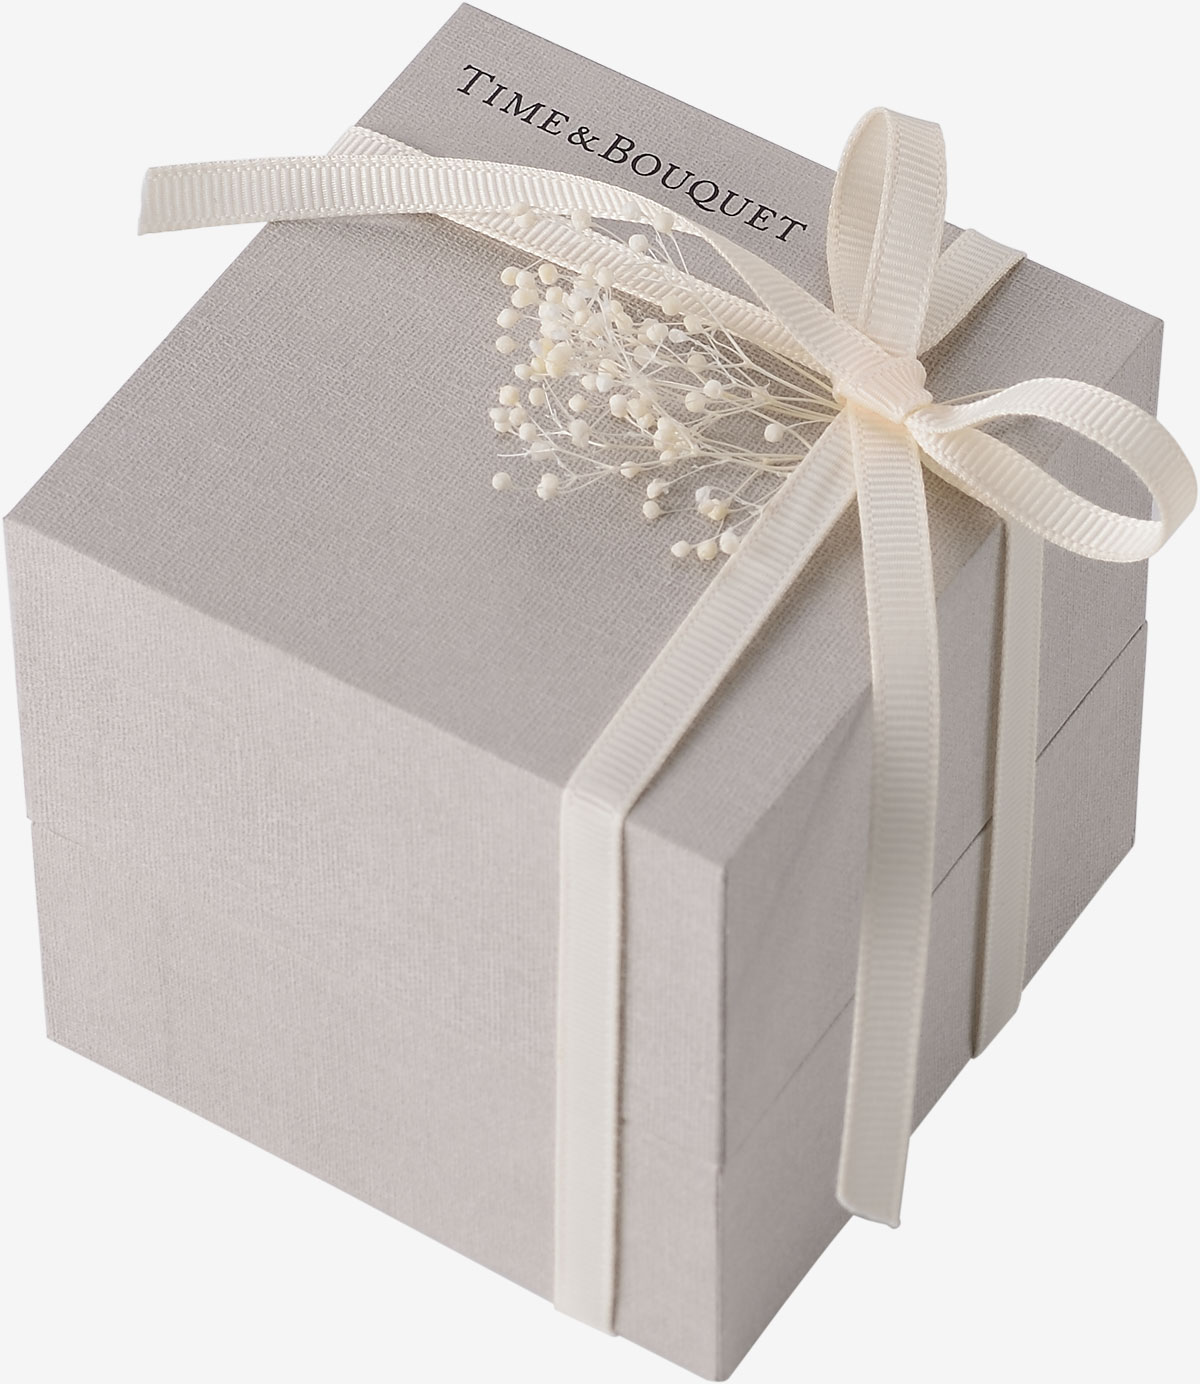 ミルキーホワイトの細リボンをかけ、プリザーブドフラワーのデコレーションが付いたハーフリネンの生地を内張りとクッションに使用した贅沢なギフトボックス